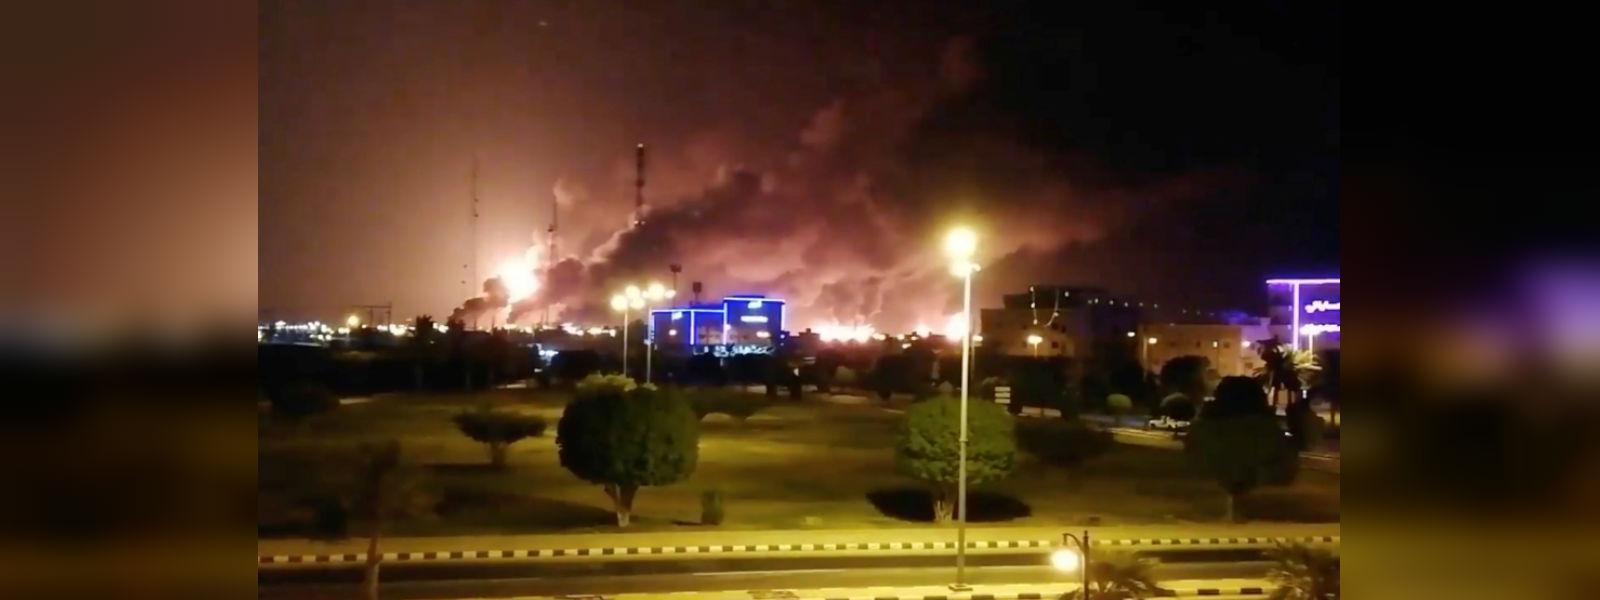 Two drone attacks on oil facilities in Saudi Arabia